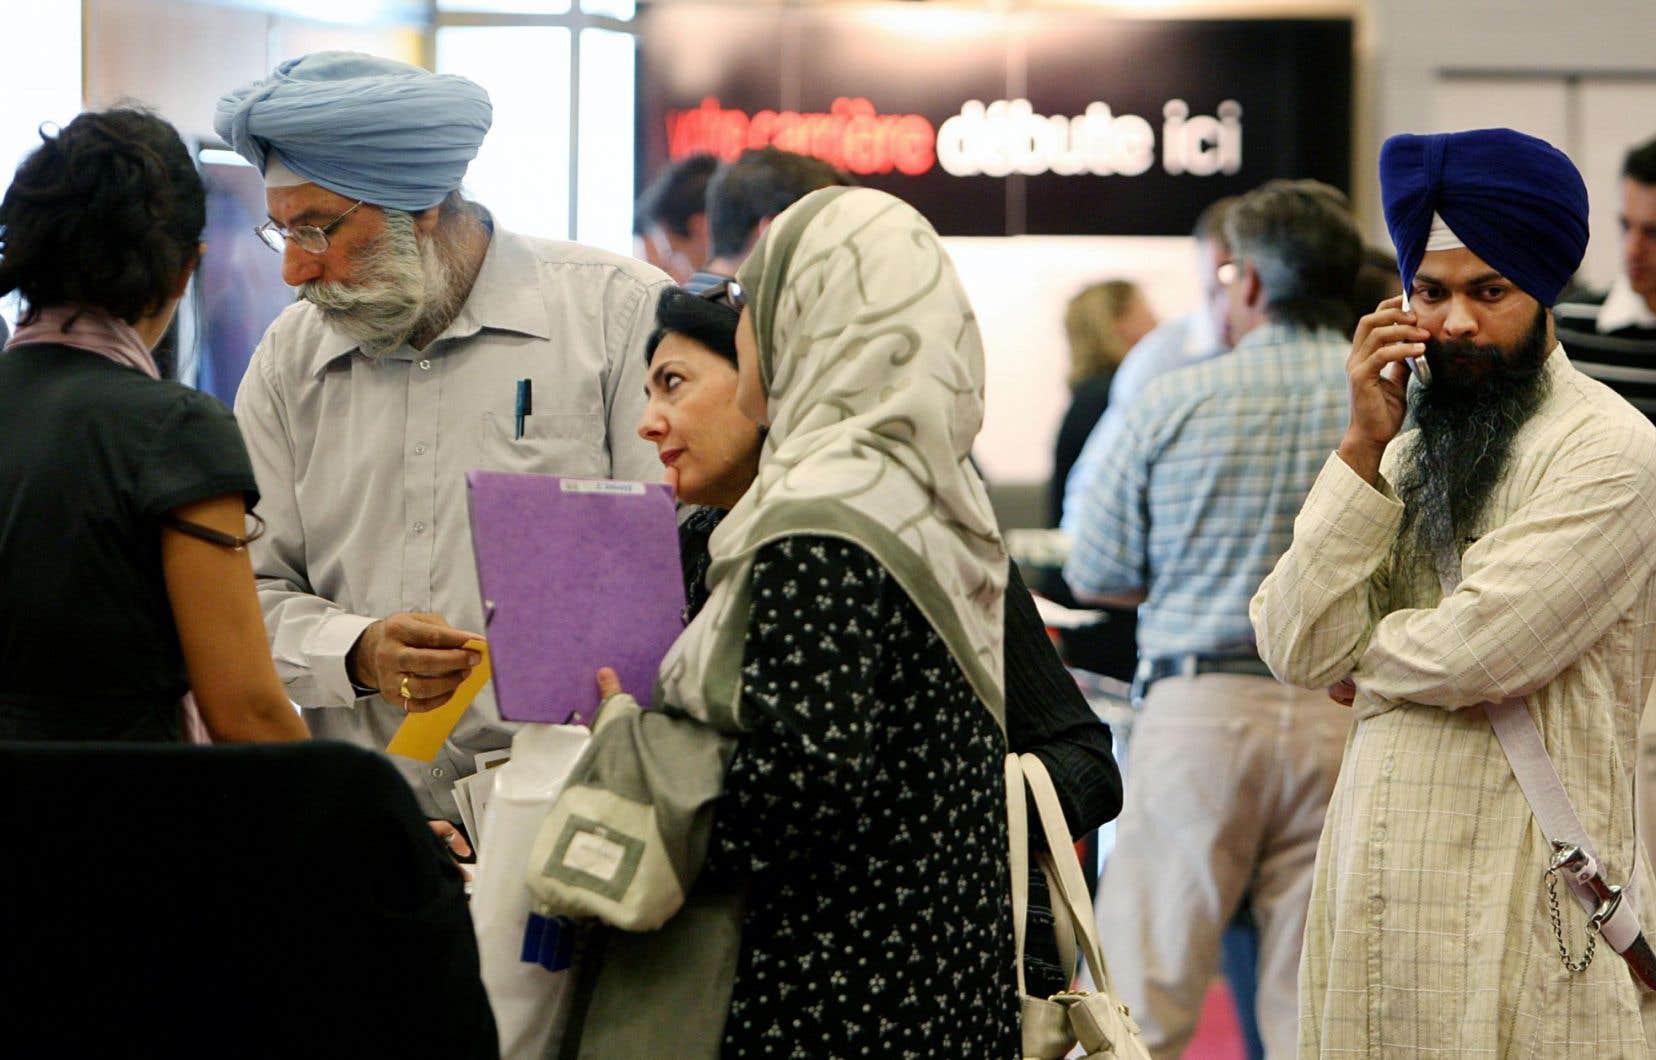 Les cours visés par la réduction de l'offre sont veux qui servent à donner aux nouveaux arrivants les clés pour comprendre le Québec.